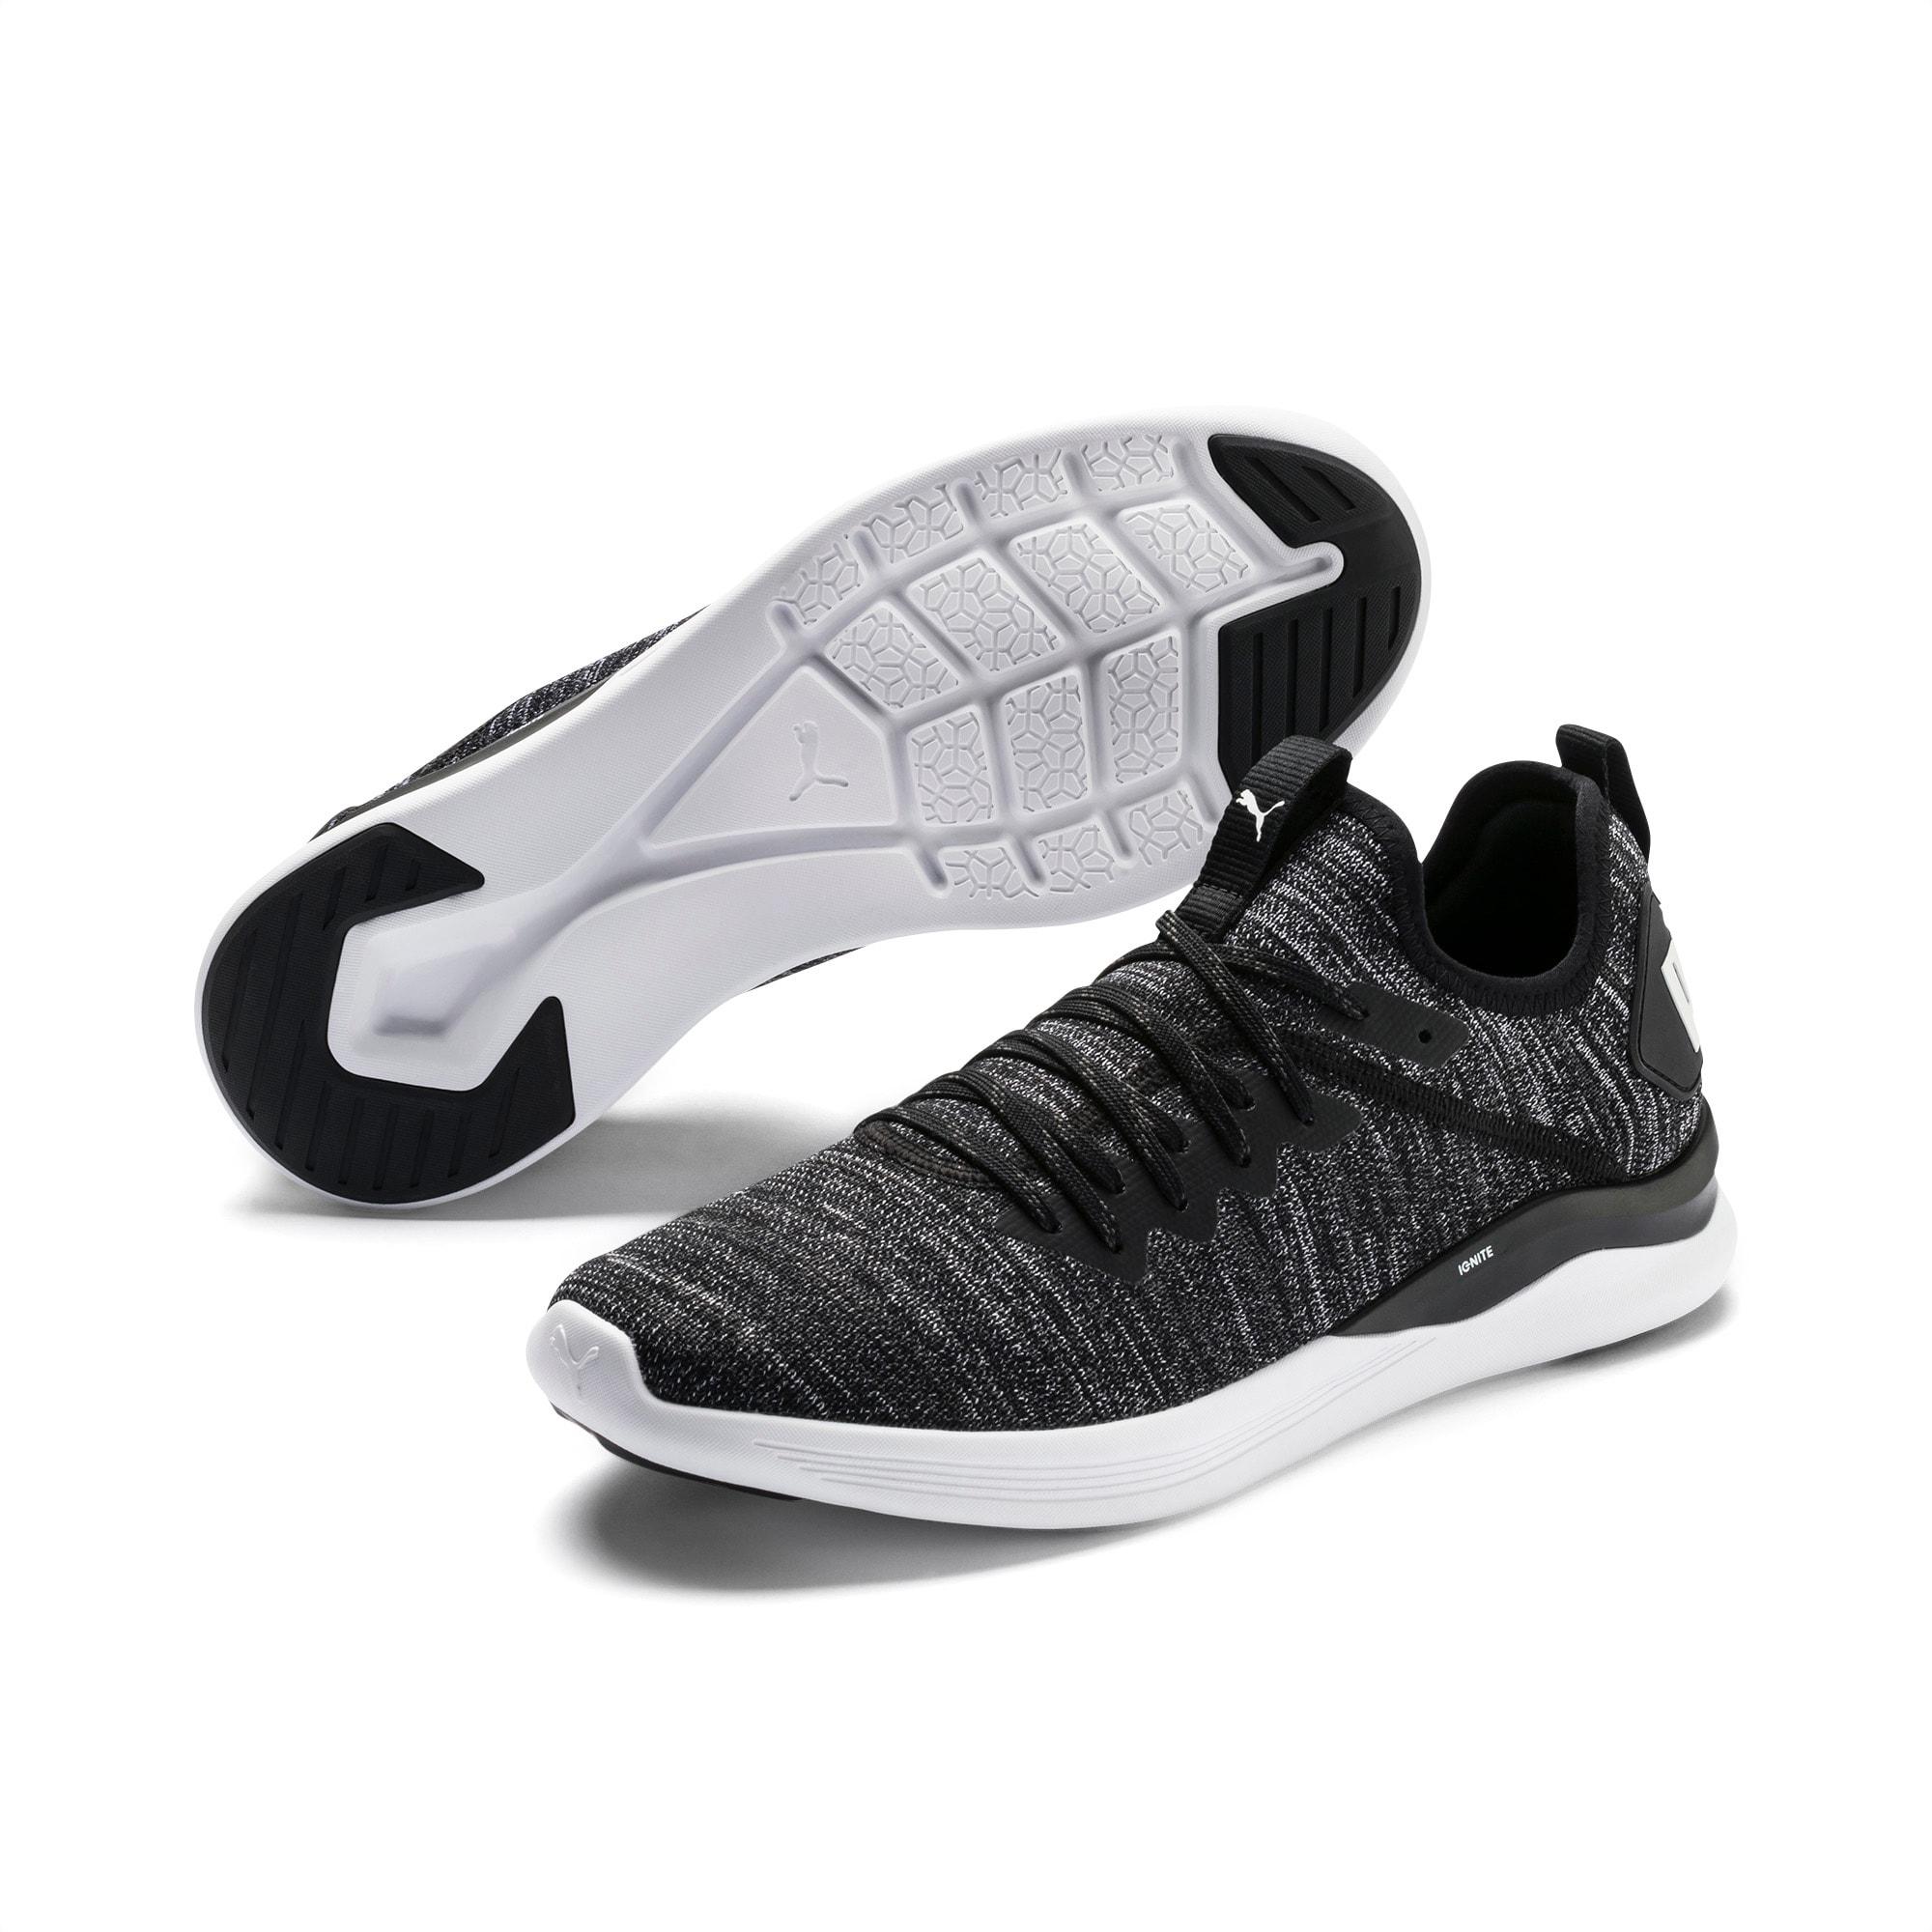 Puma Herren Ignite Flash evoKNIT Schuh 190508 | kaufen bei